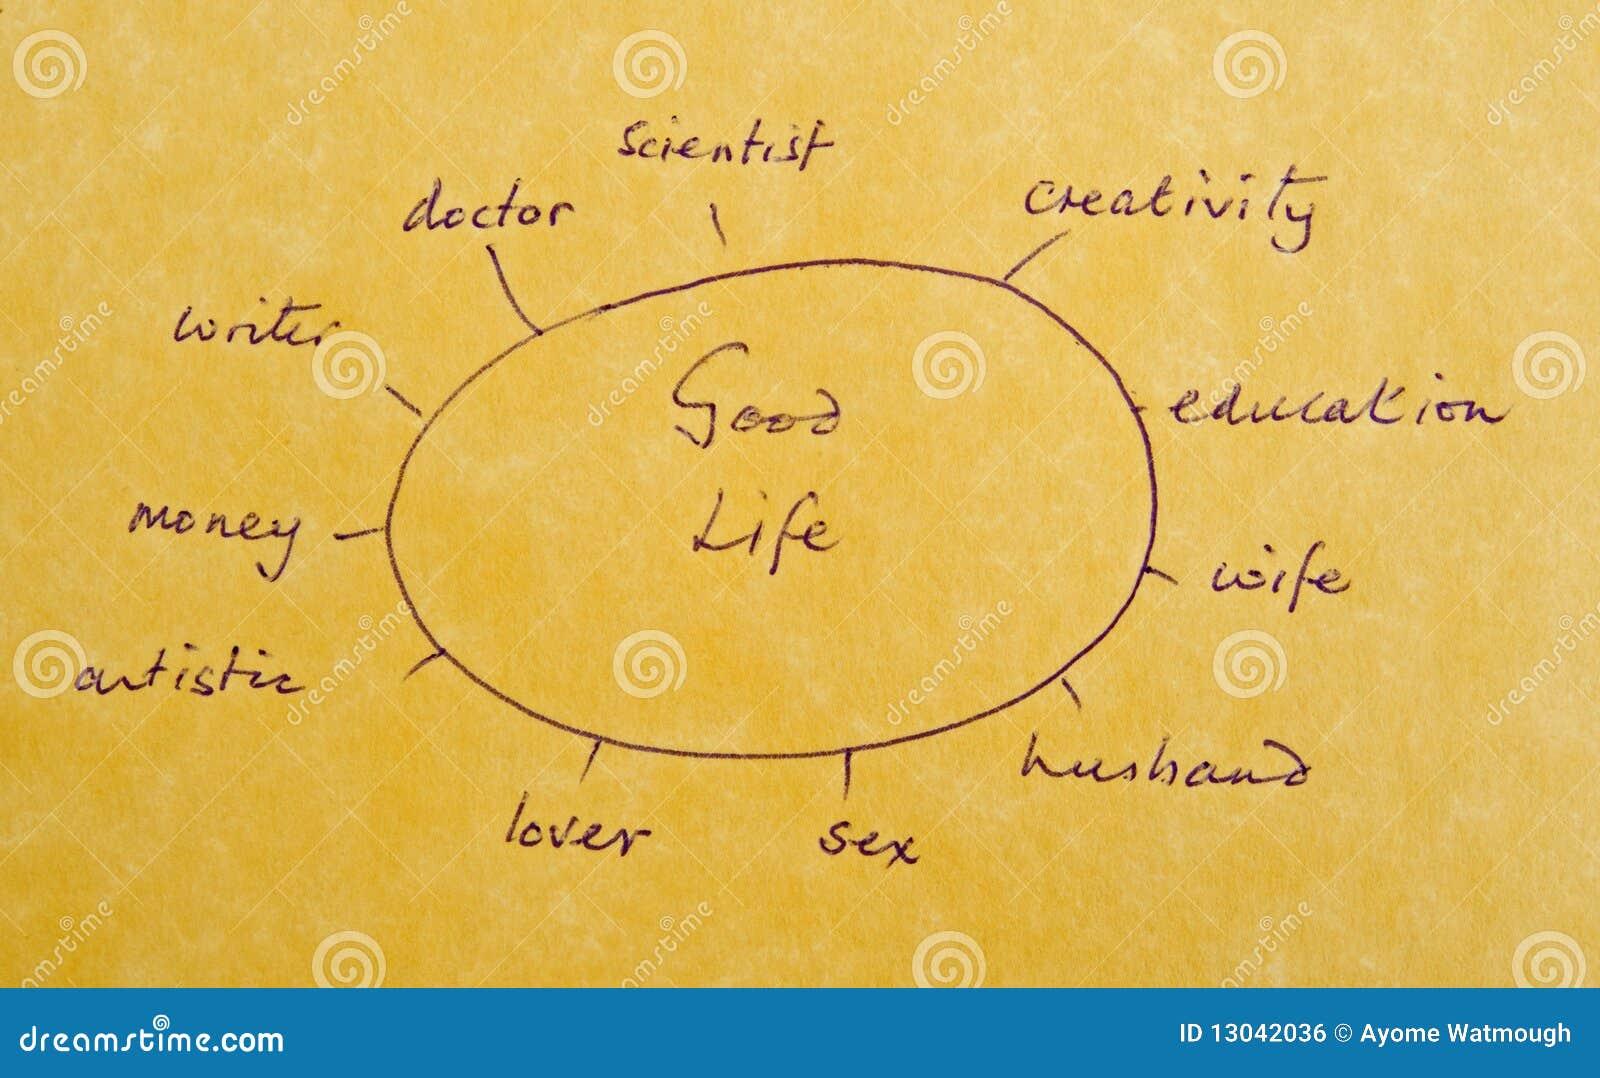 Recept voor het goed leven royalty vrije stock afbeelding afbeelding 13042036 - Vloer voor het leven ...